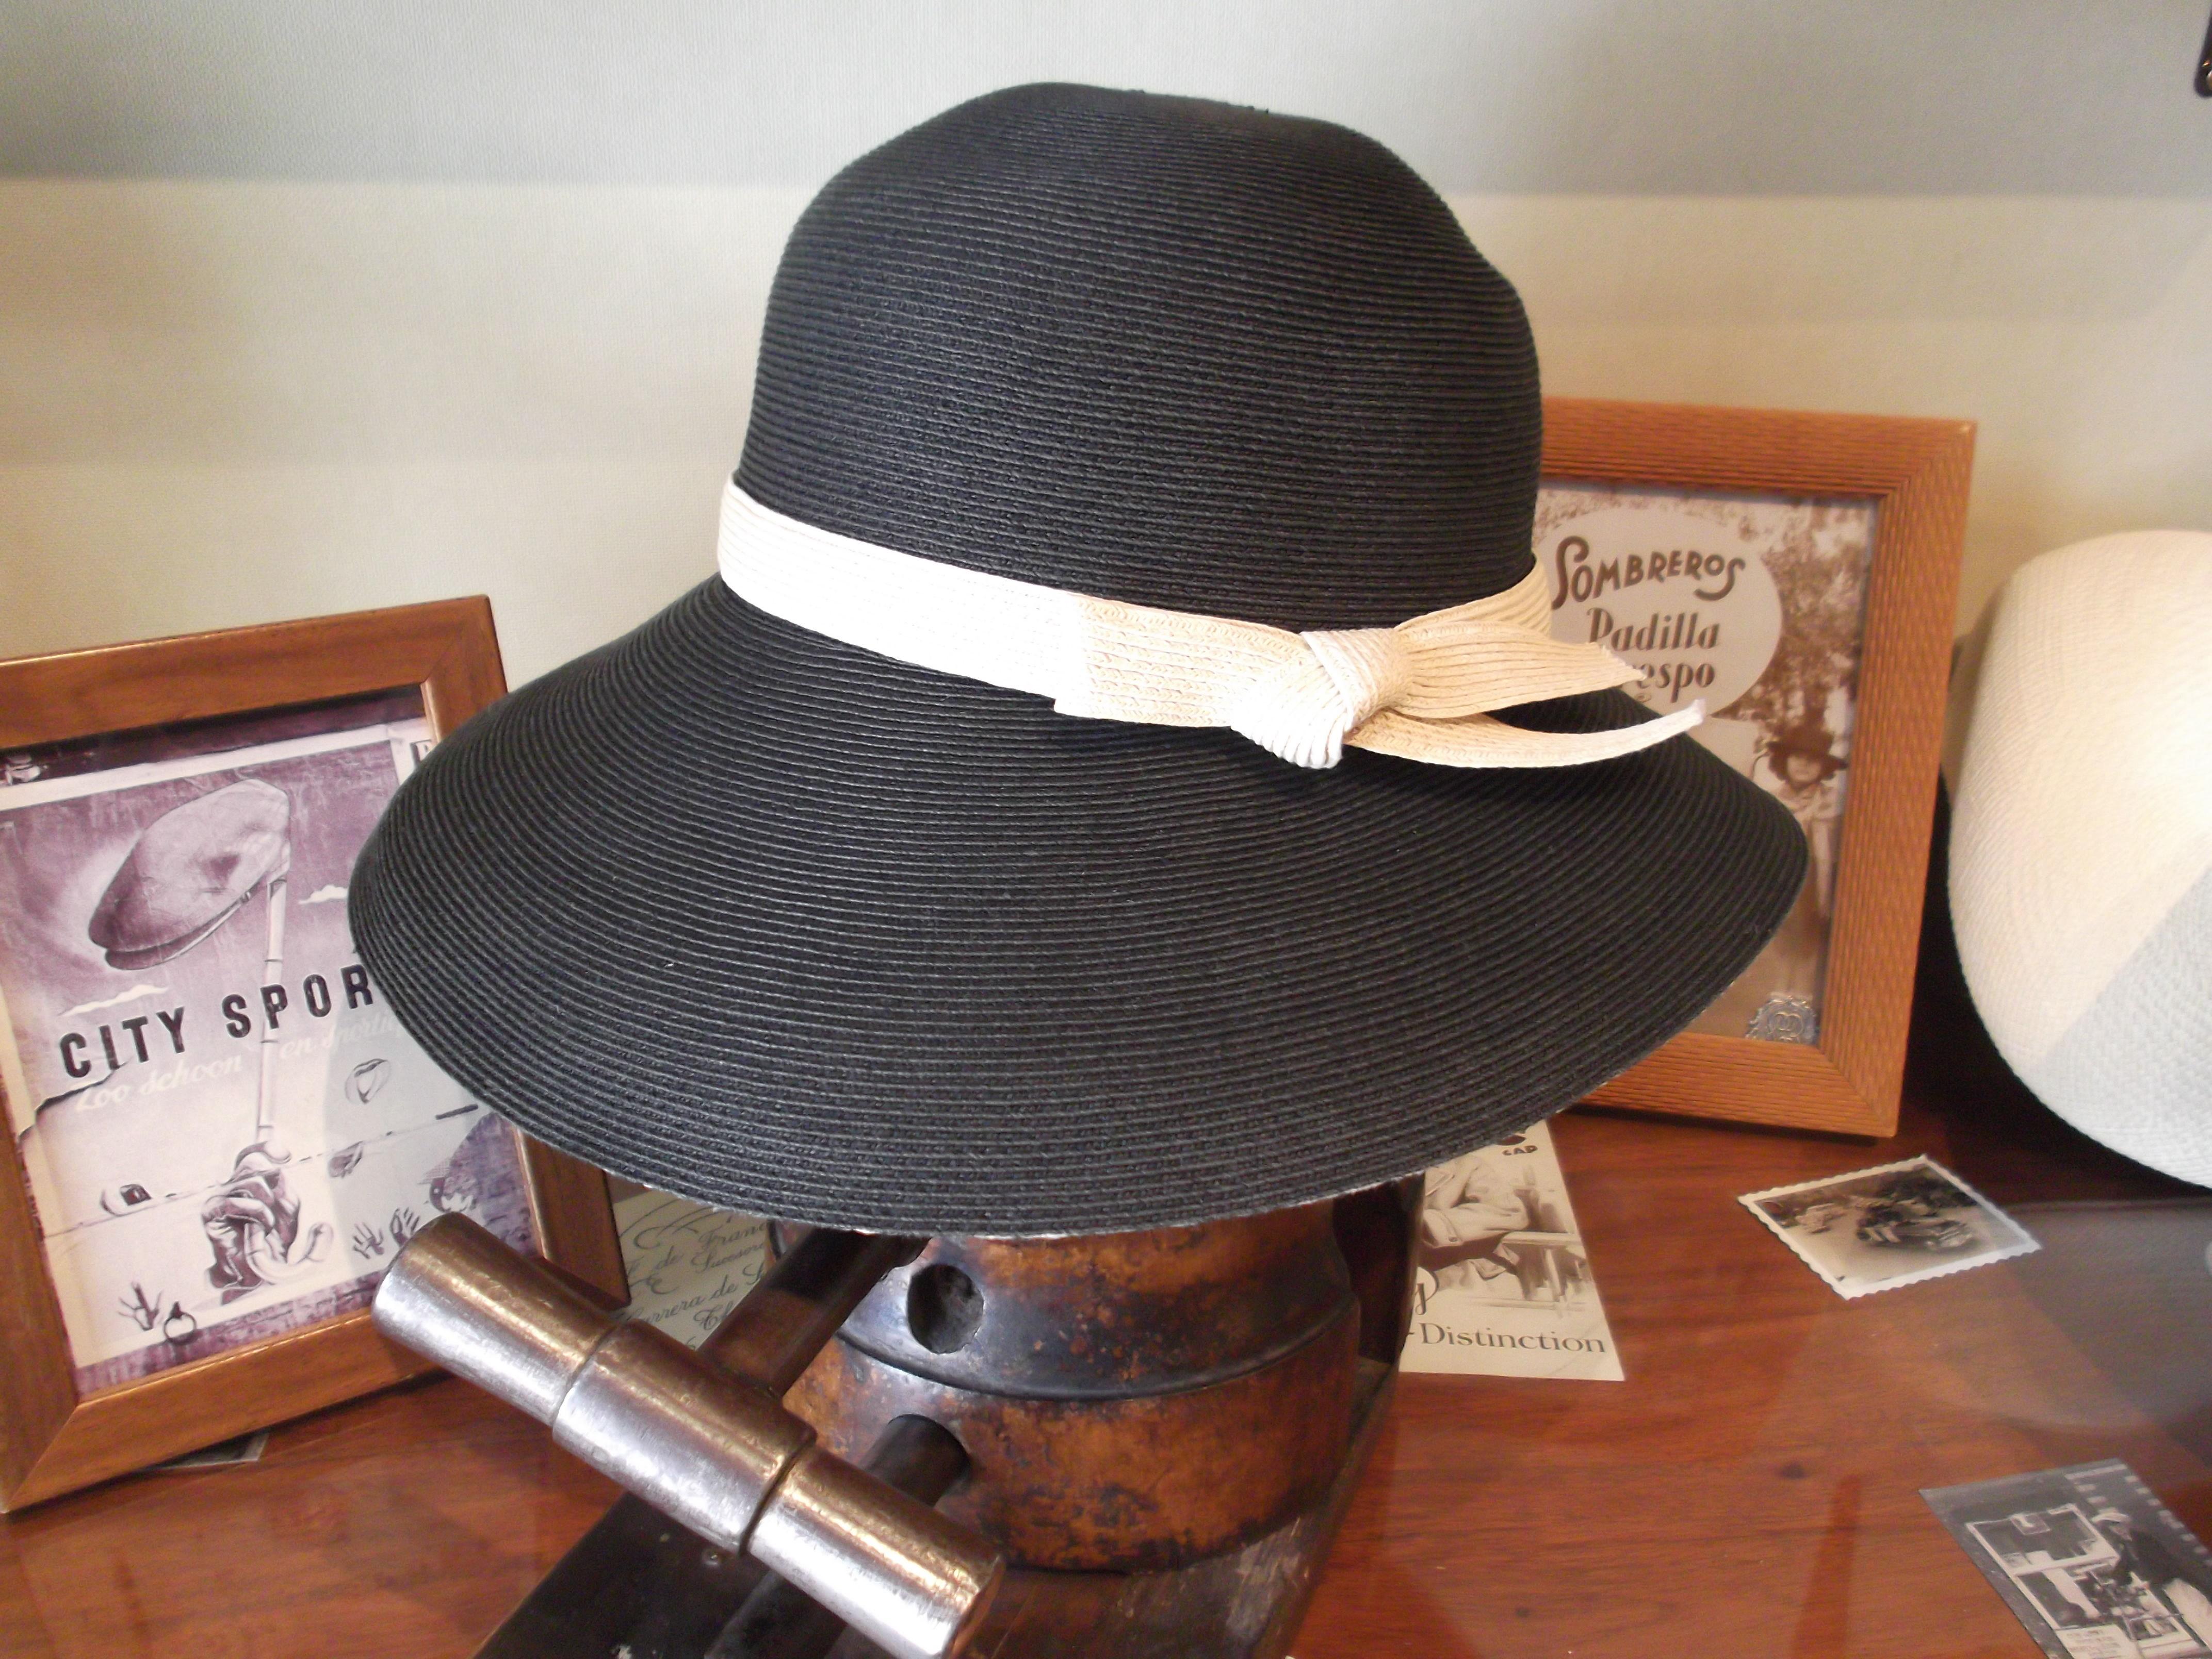 PAMELA NEGRA: Catálogo de Sombrerería Citysport